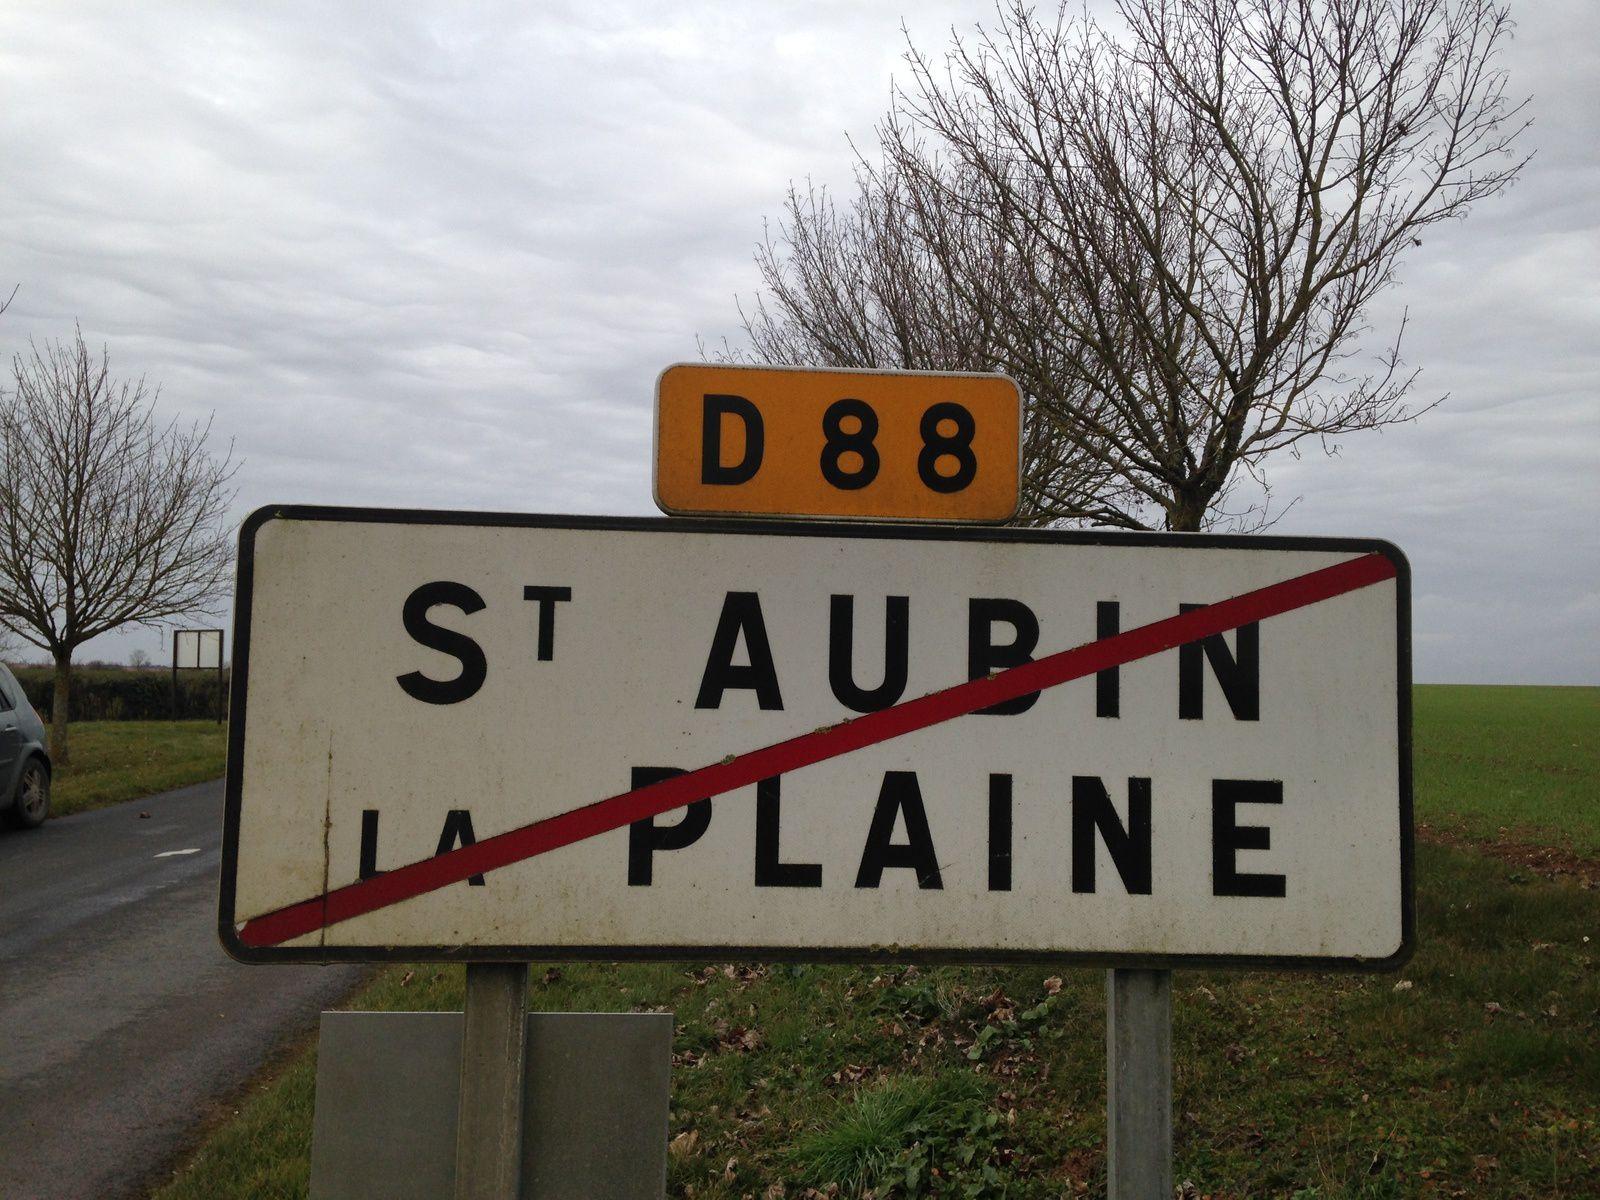 C - Saint Aubin la Plaine (Coll. C-A Verly)